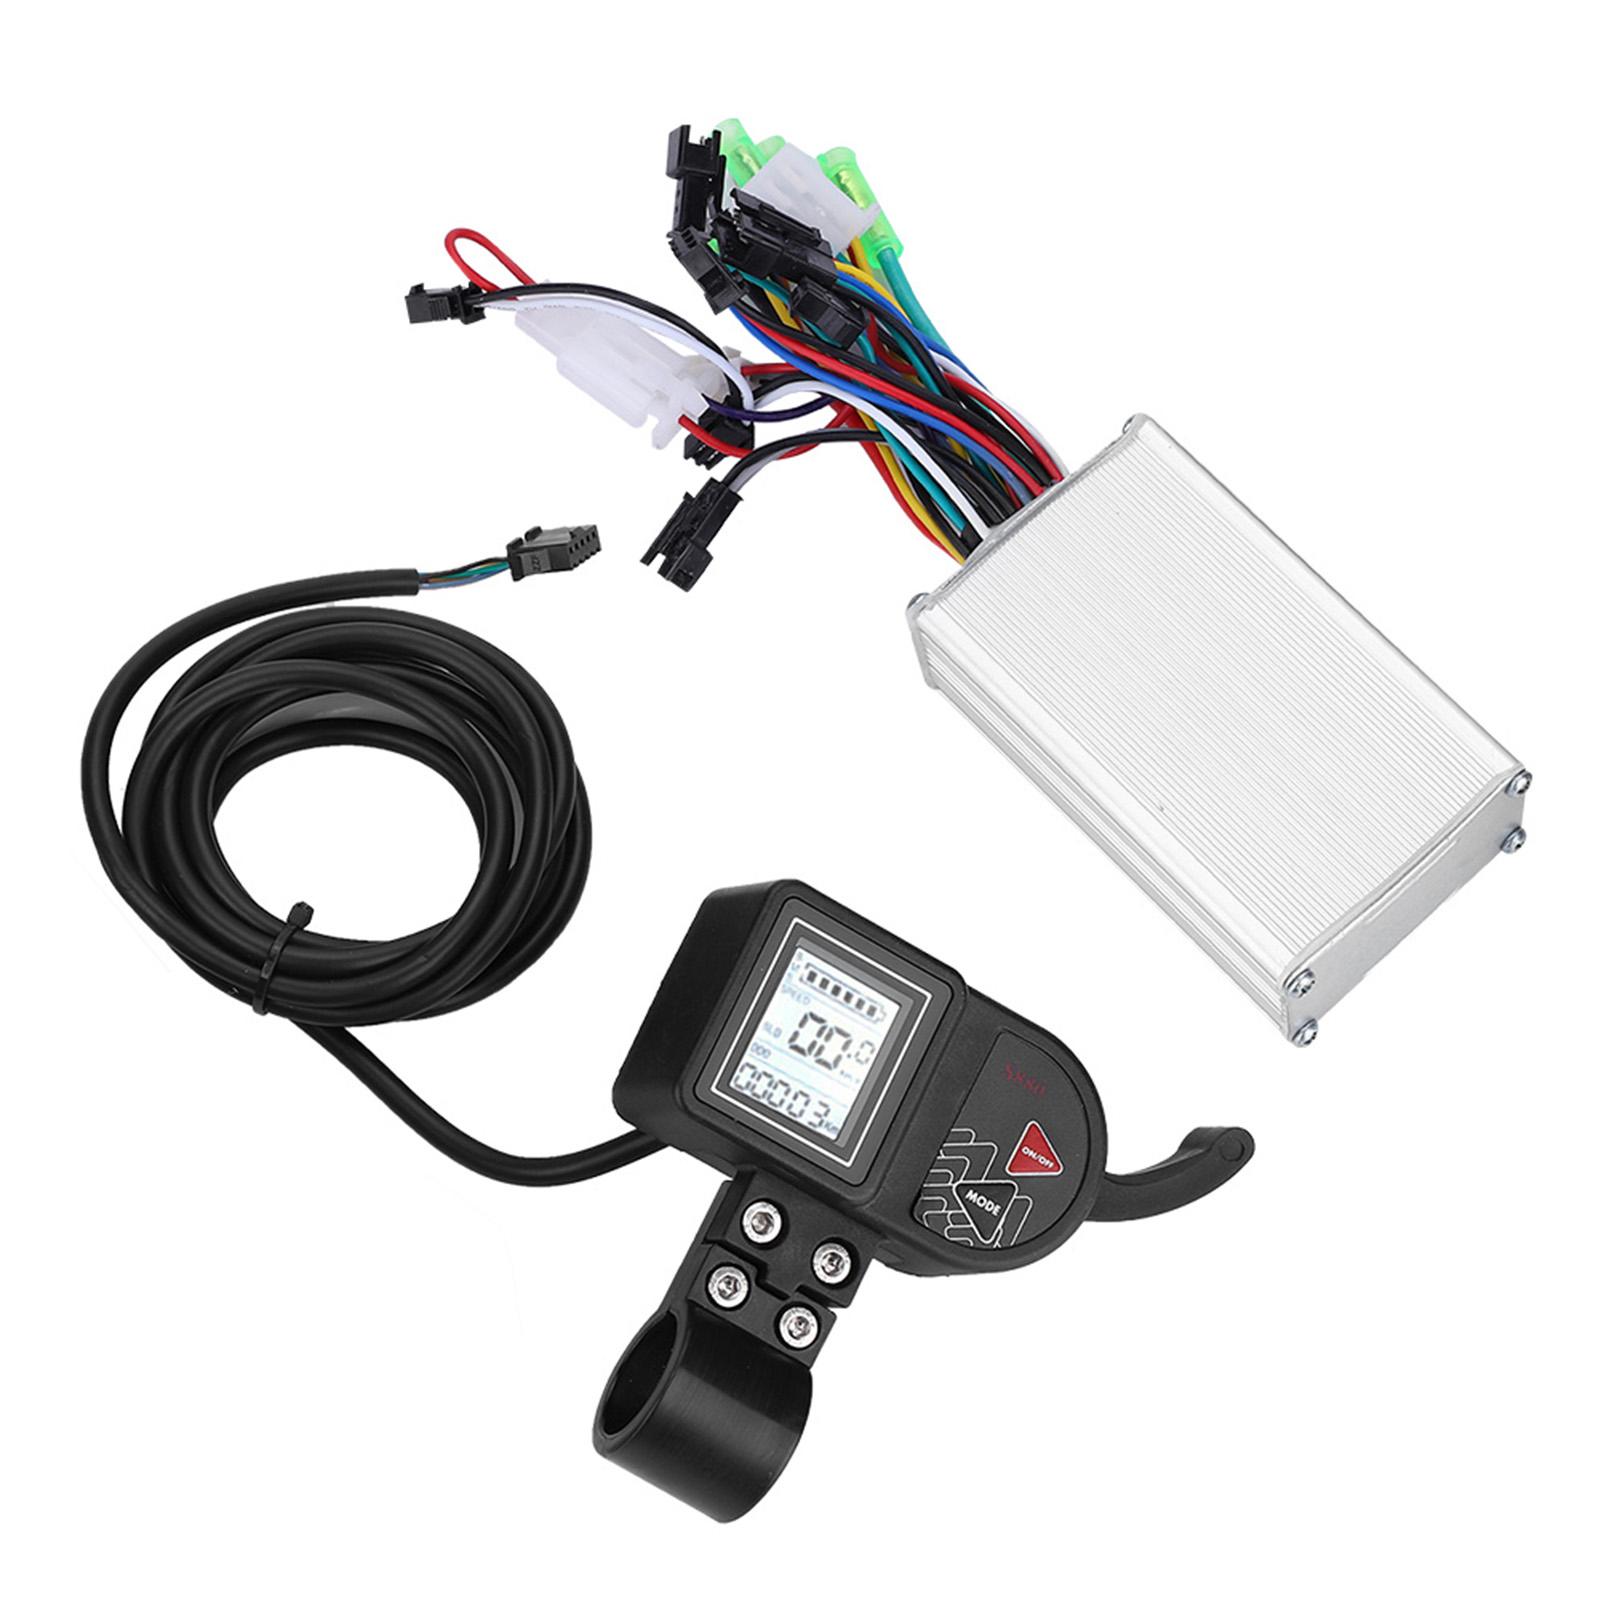 24-60V-Brushless-Motor-Controller-LCD-Panel-for-E-bike-Electric-Bike-Scooter-Kit thumbnail 30